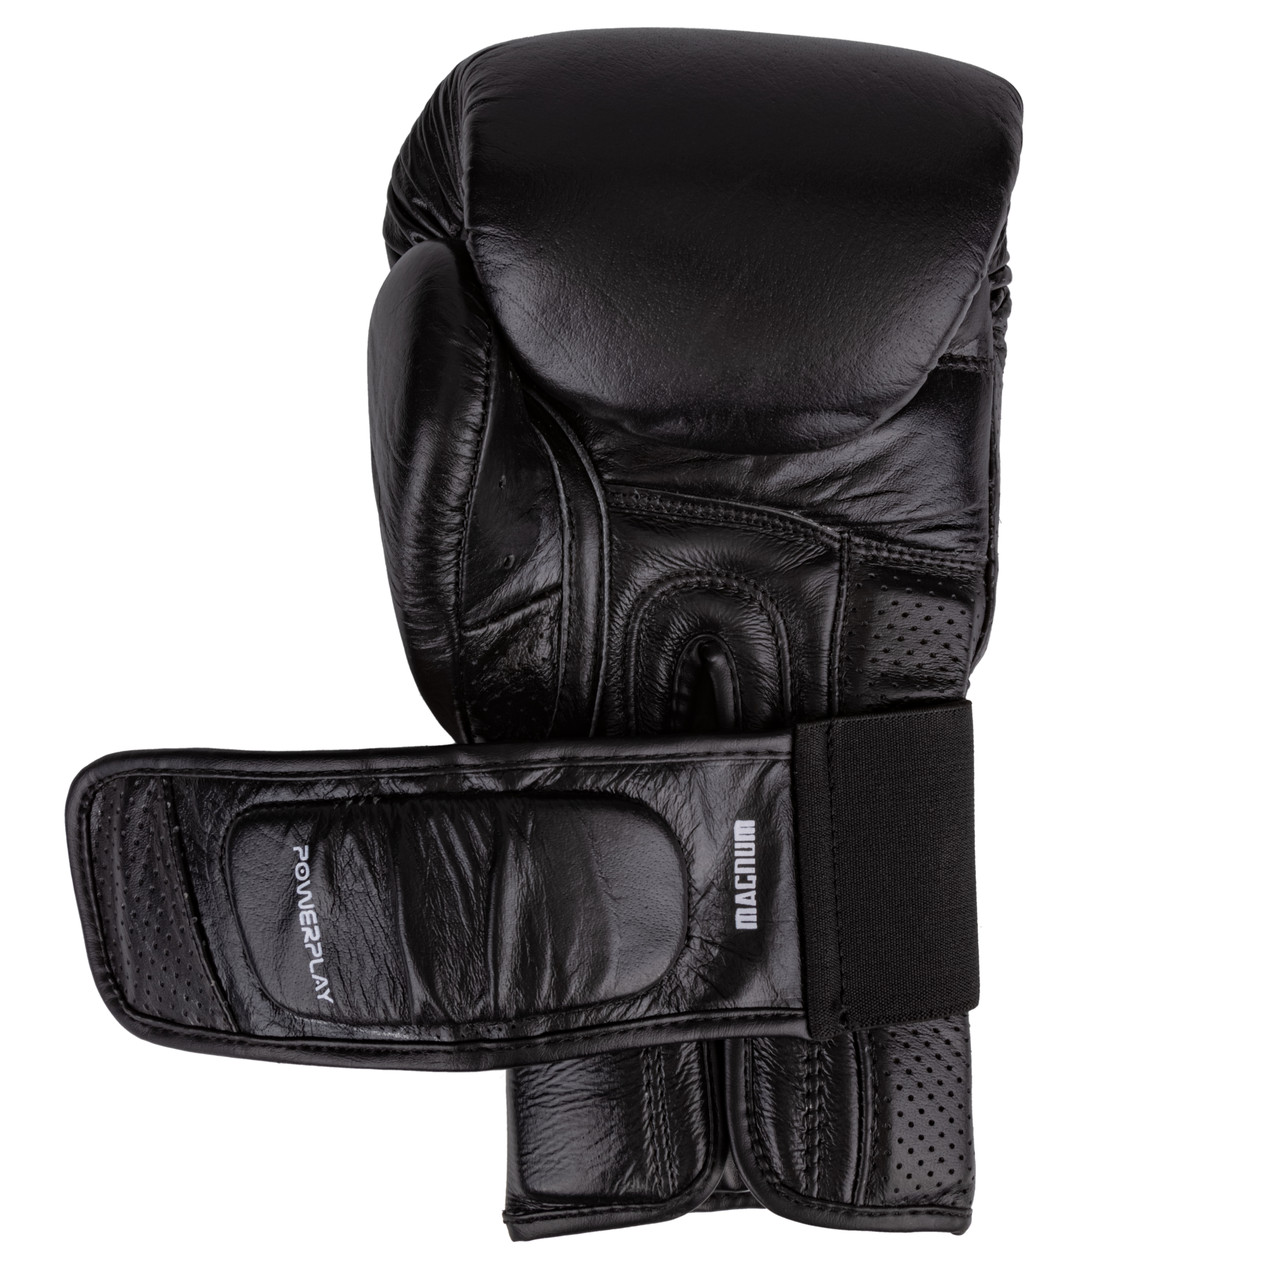 Боксерские перчатки PowerPlay 3087 Magnum Черные [кожа] 10 унций